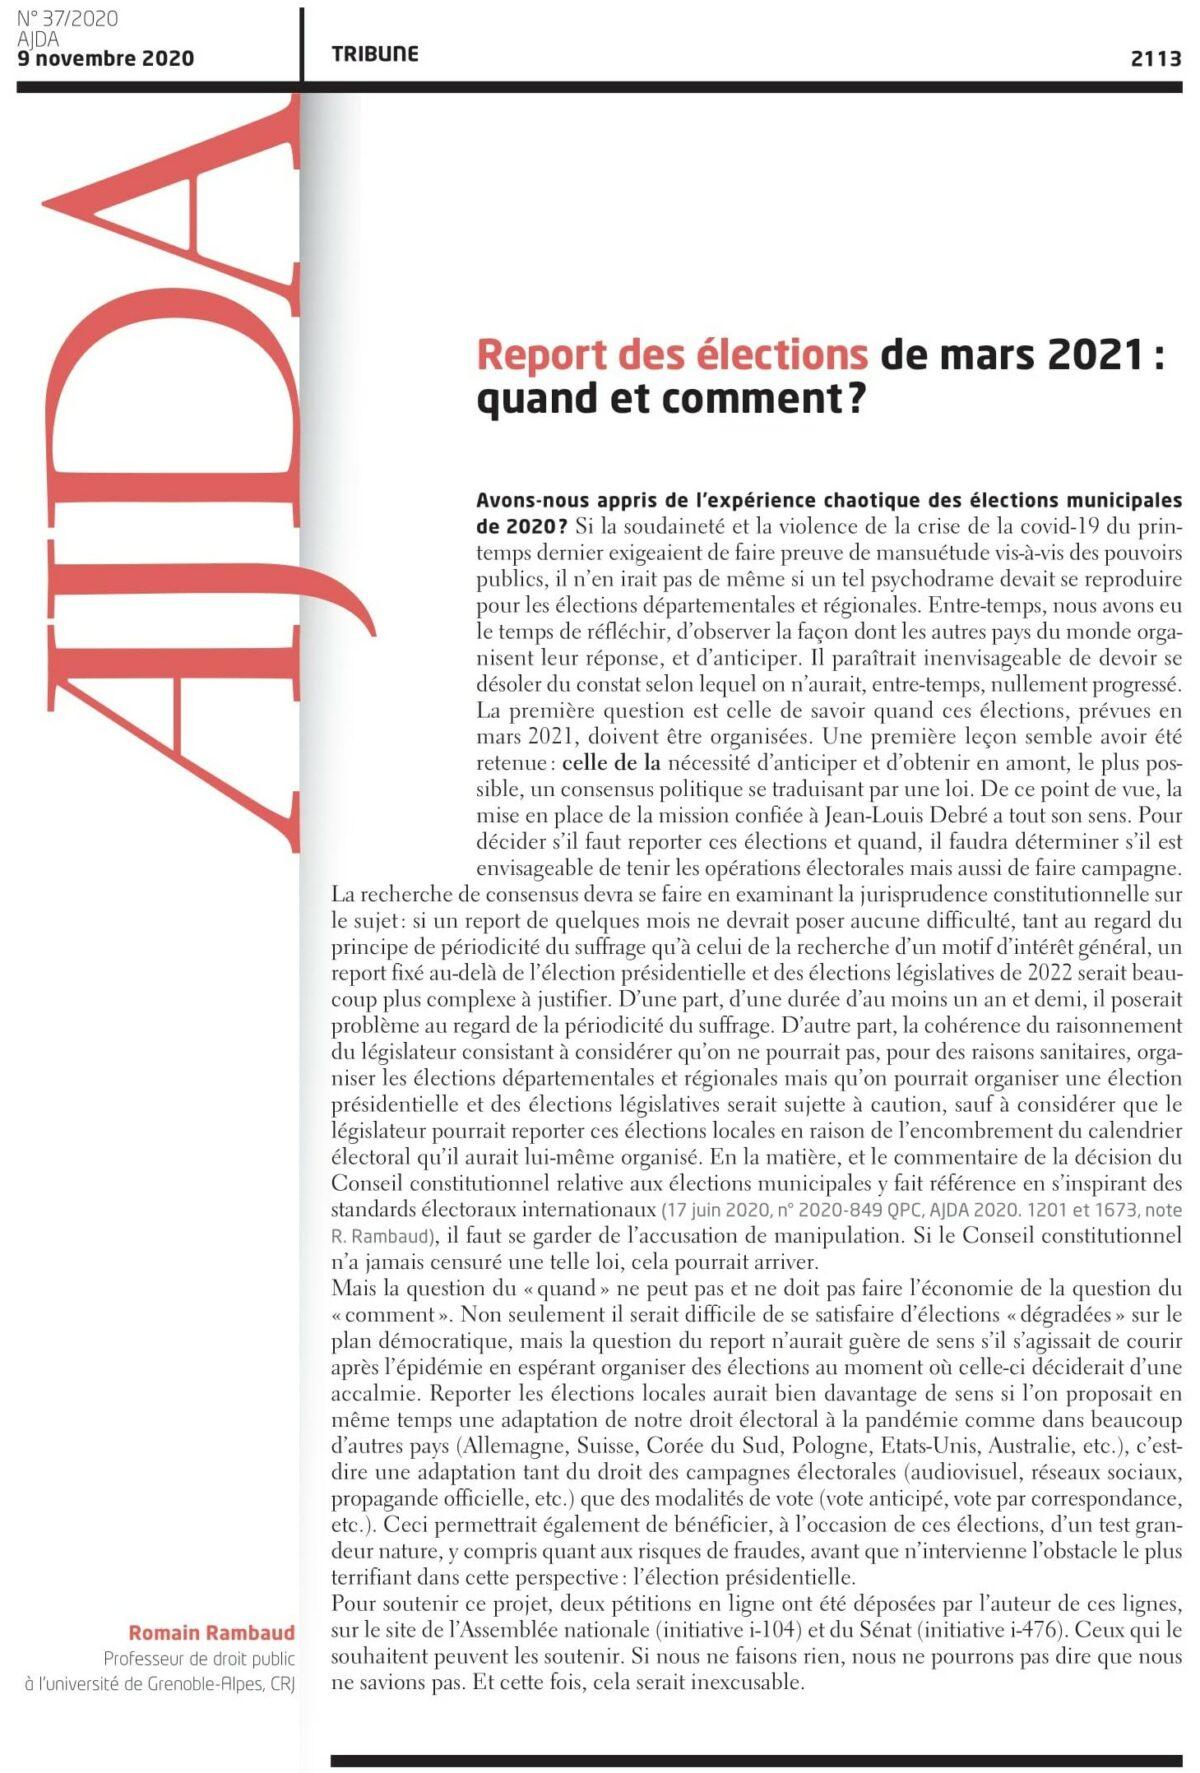 Report des élections départementales et régionales de mars 2021 : quand et comment ? [R. Rambaud, Tribune AJDA]